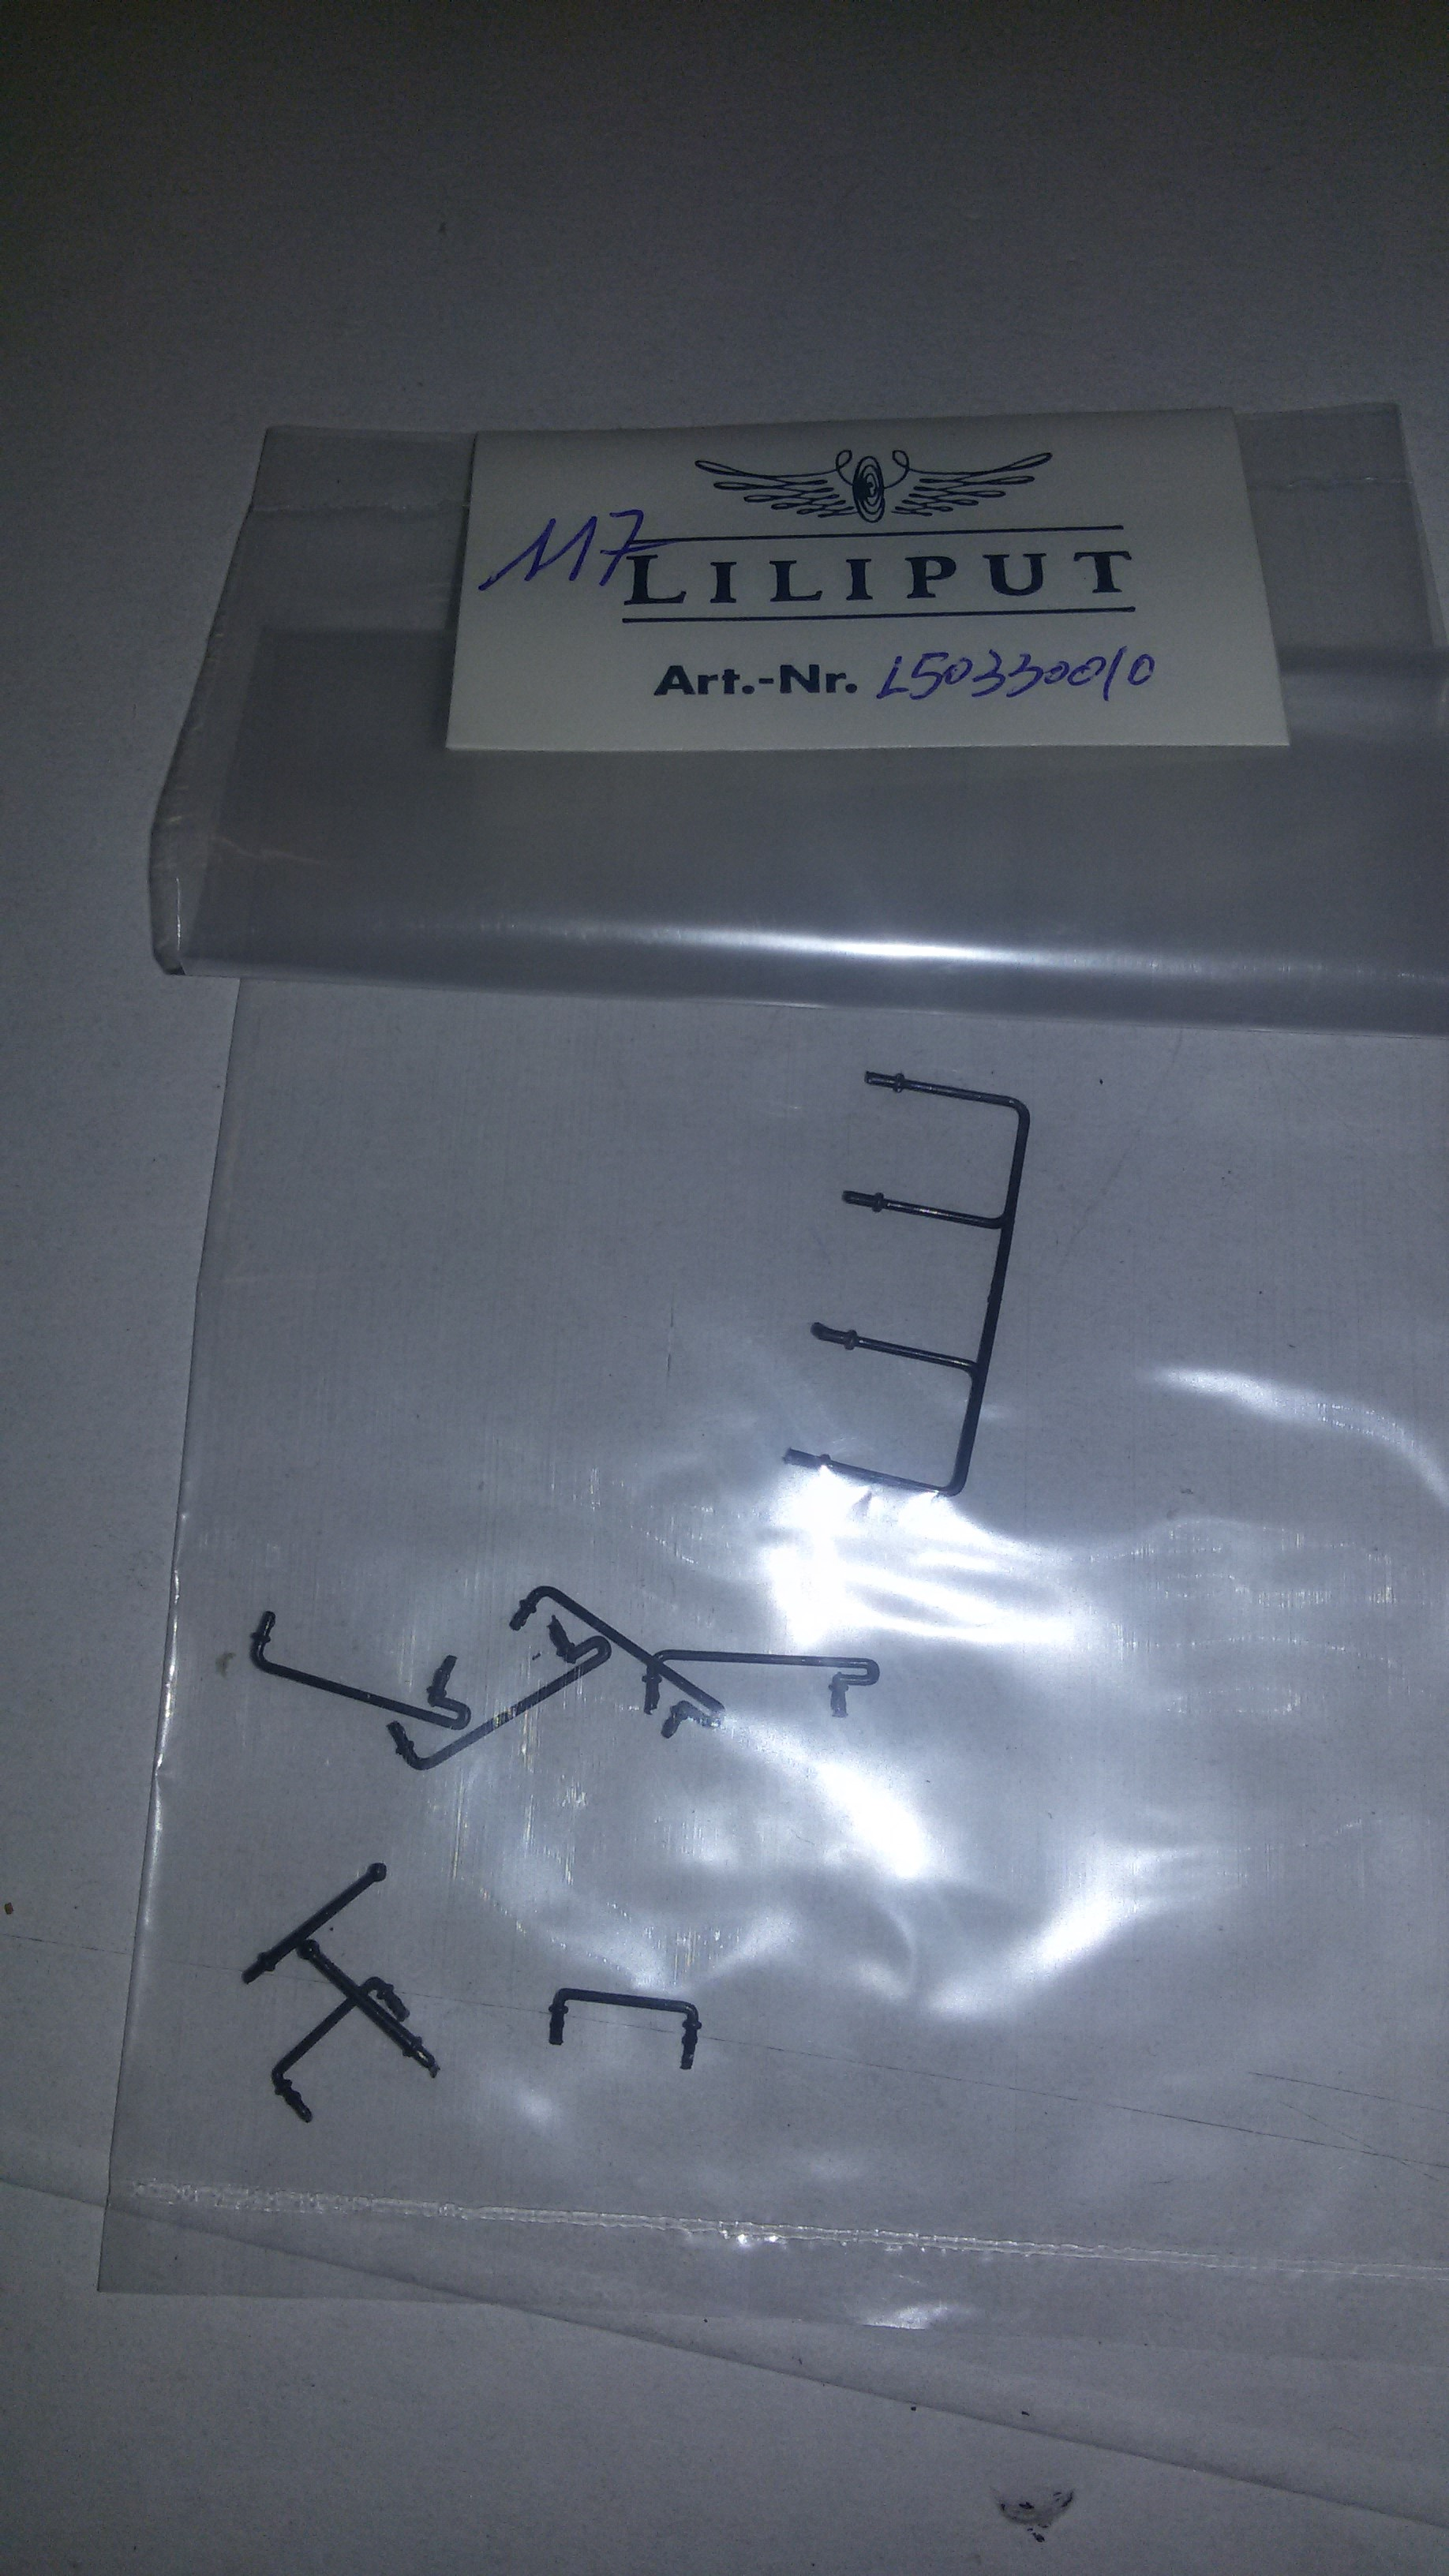 *LO 117* Liliput Ersatzteil L50330010 Griffstangen